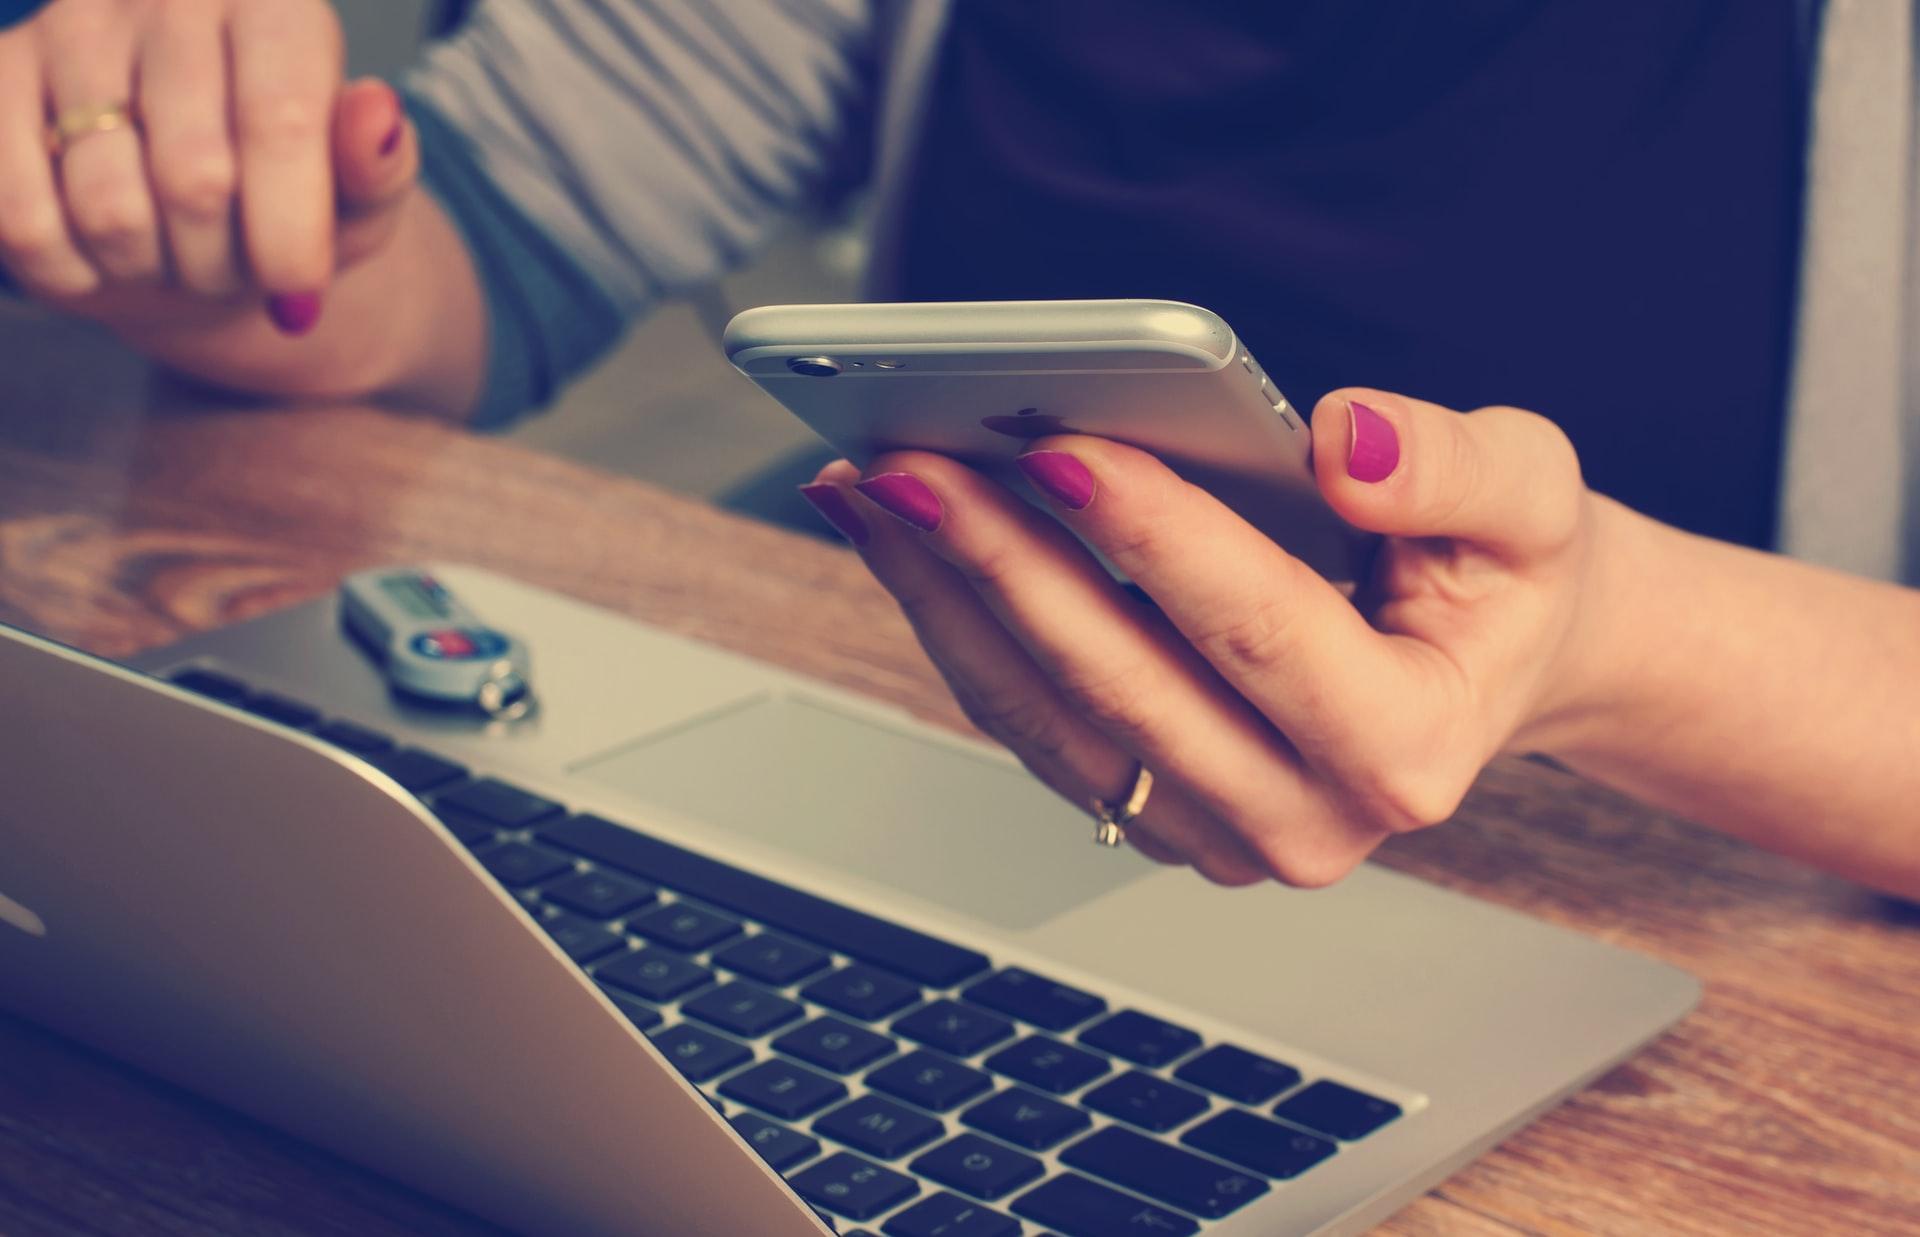 Популярные схемы телефонного мошенничества и как на них не попасться